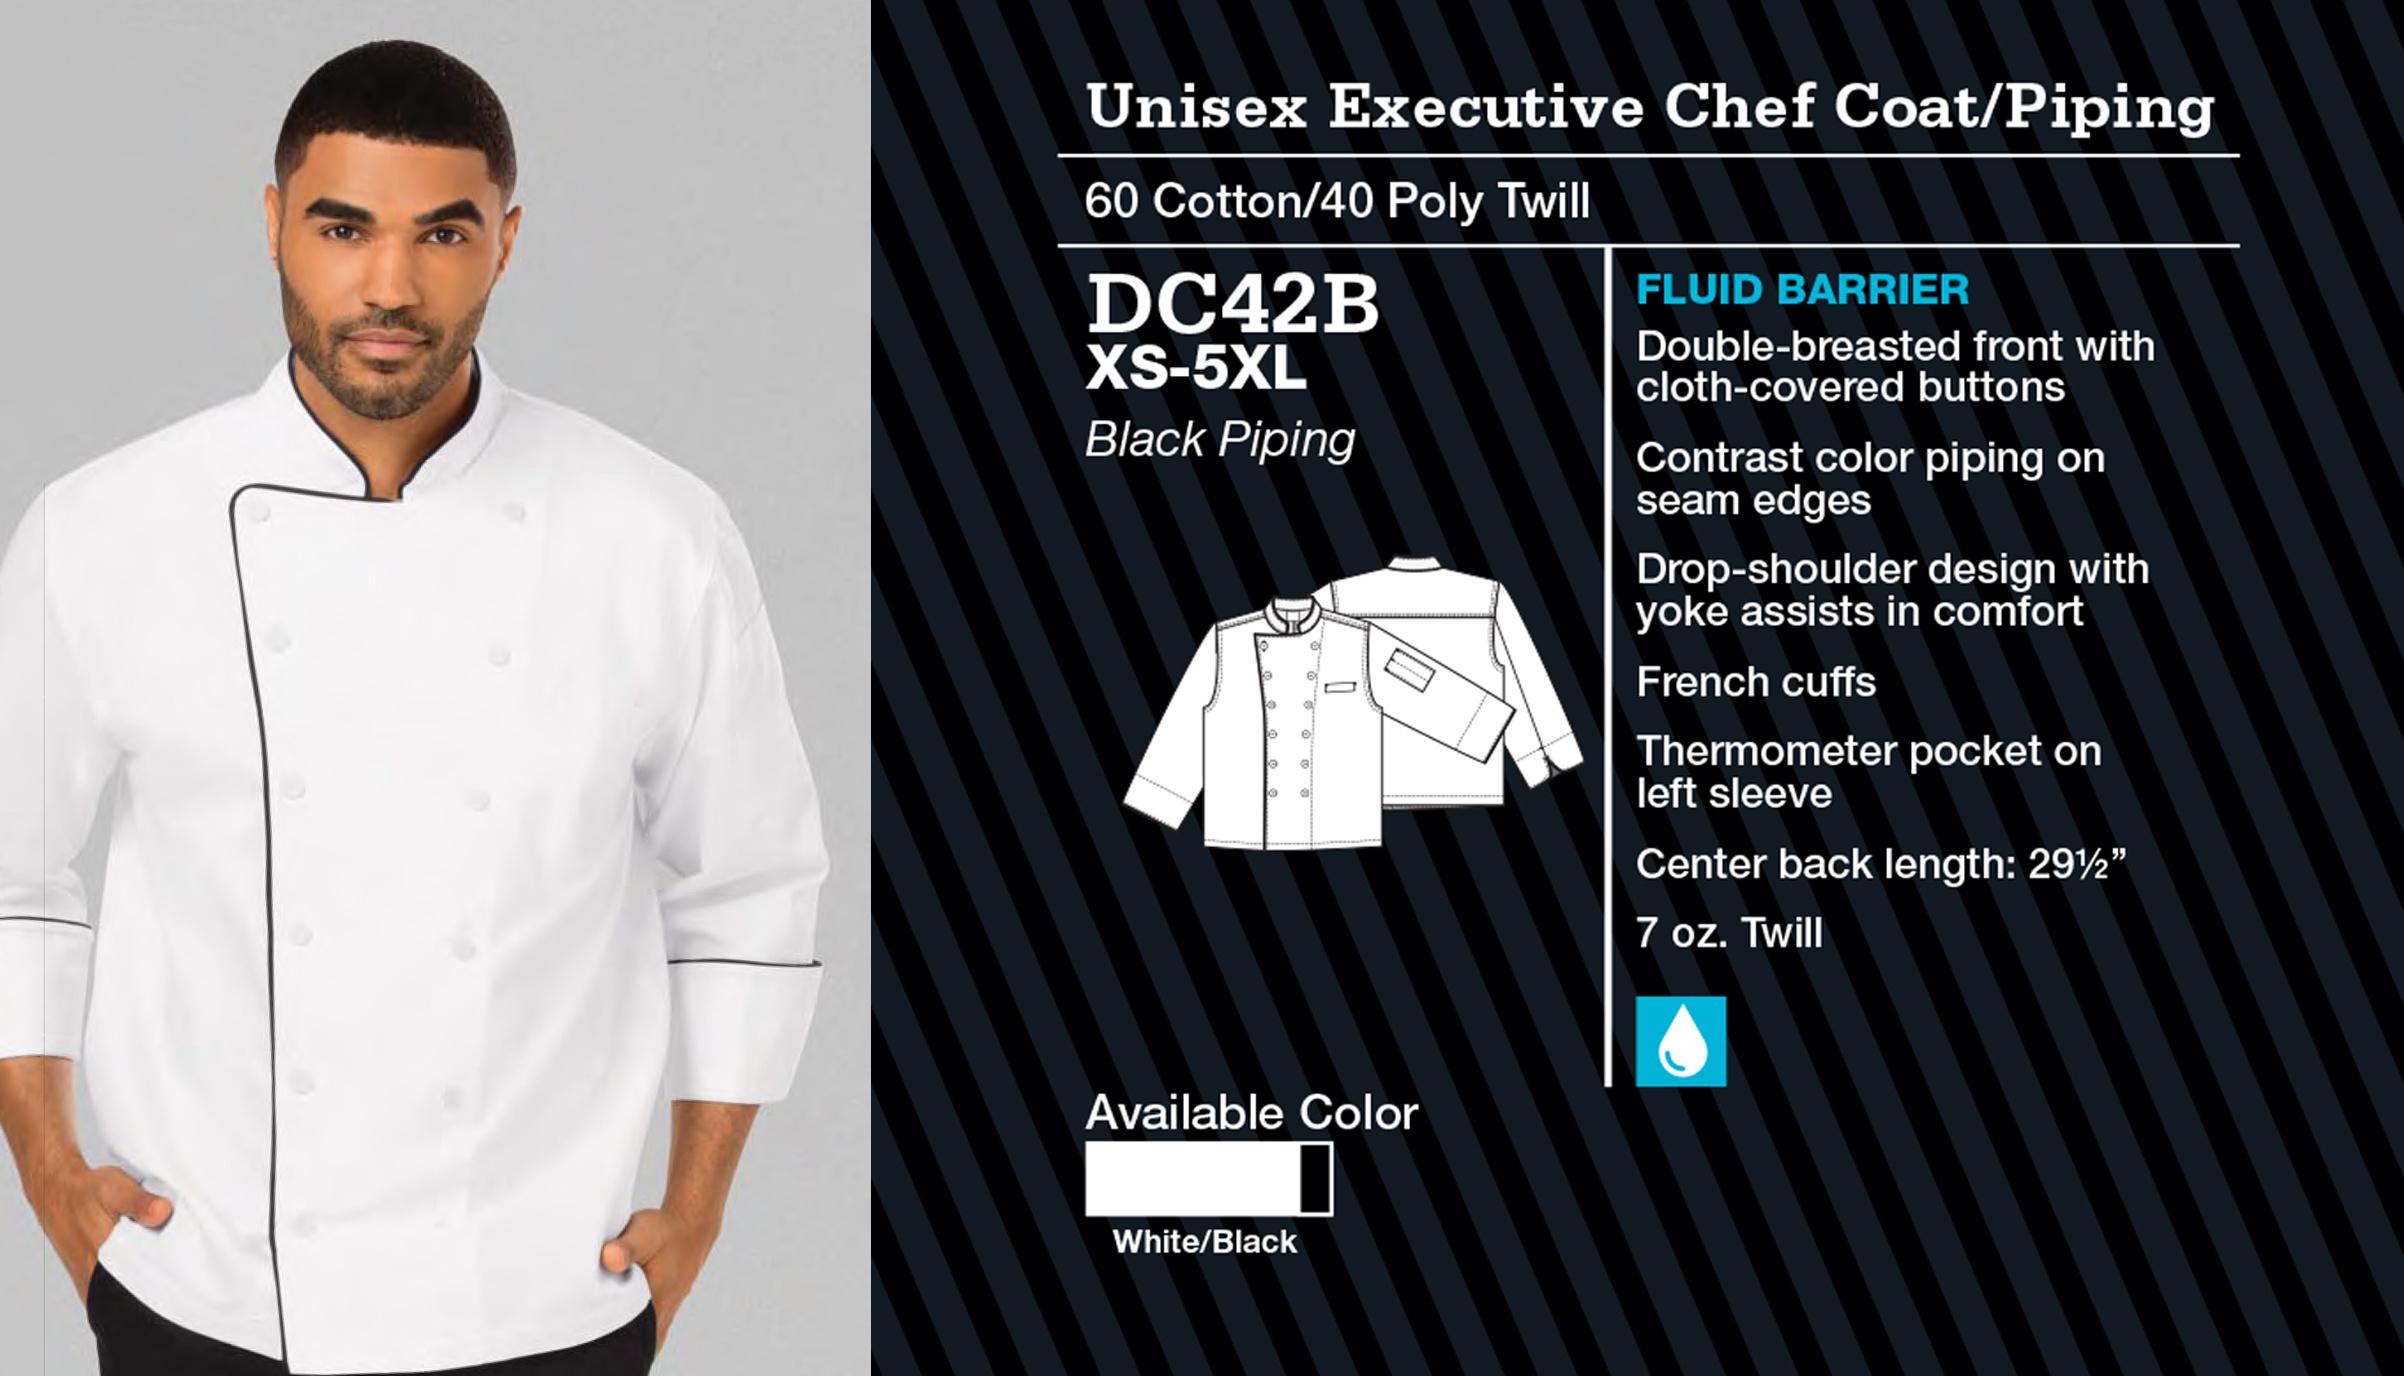 Abrigo de Chef Unisex Ejecutivo. DC41B.